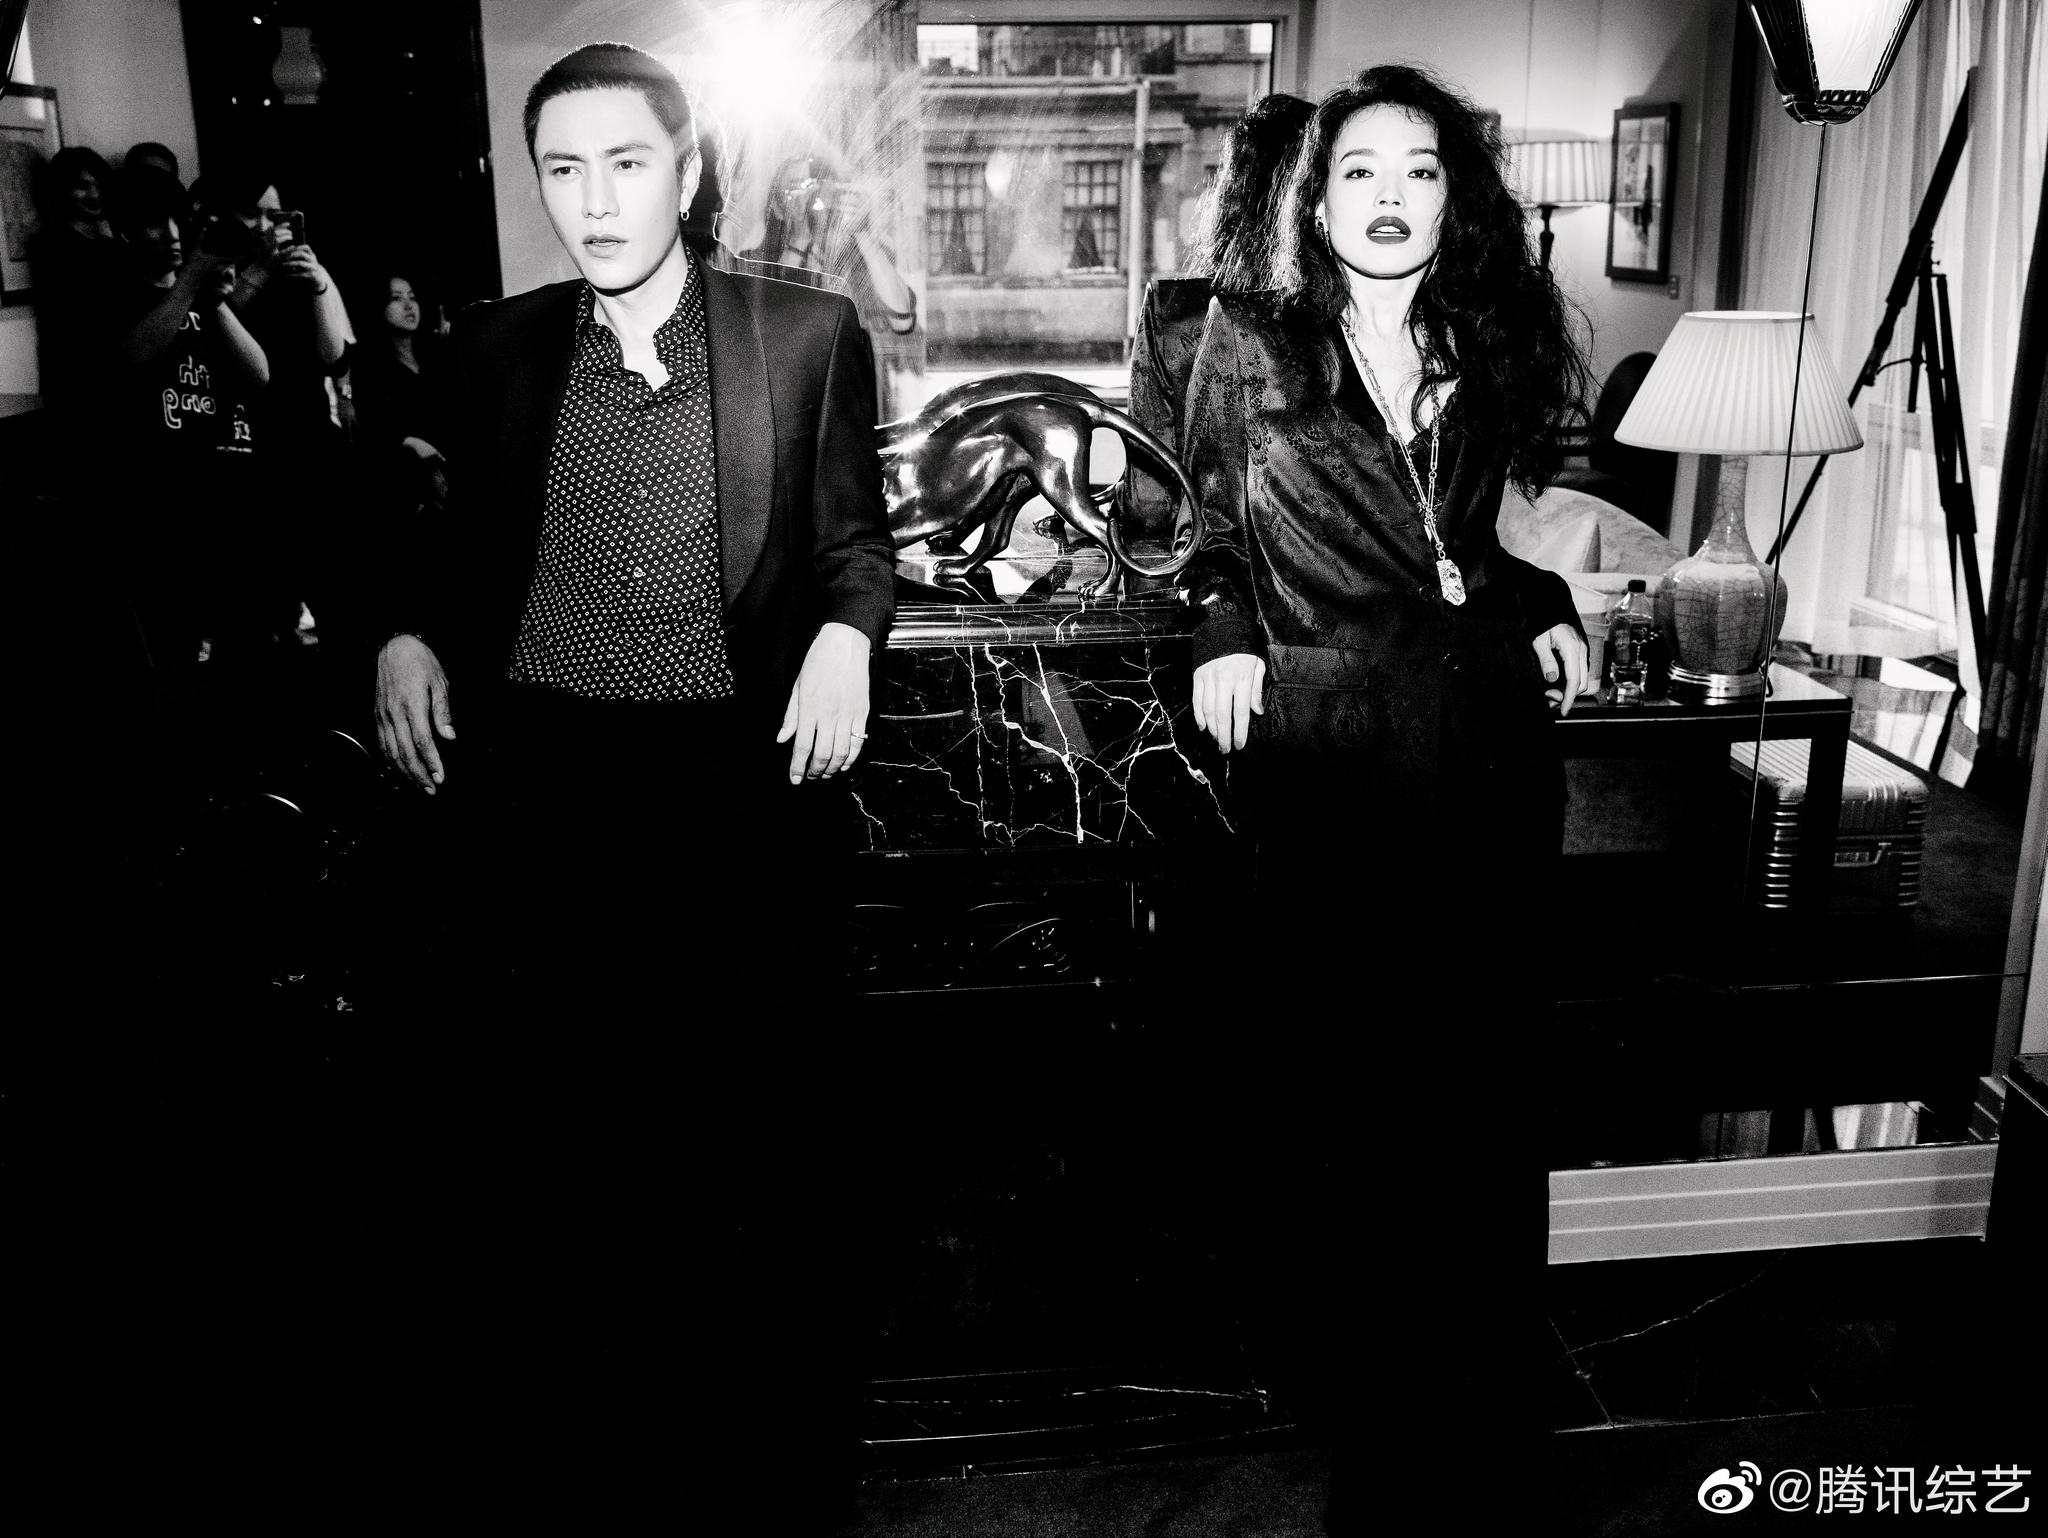 近日@陈坤 和@舒淇 在上海合体拍摄一组港风电影感大片……